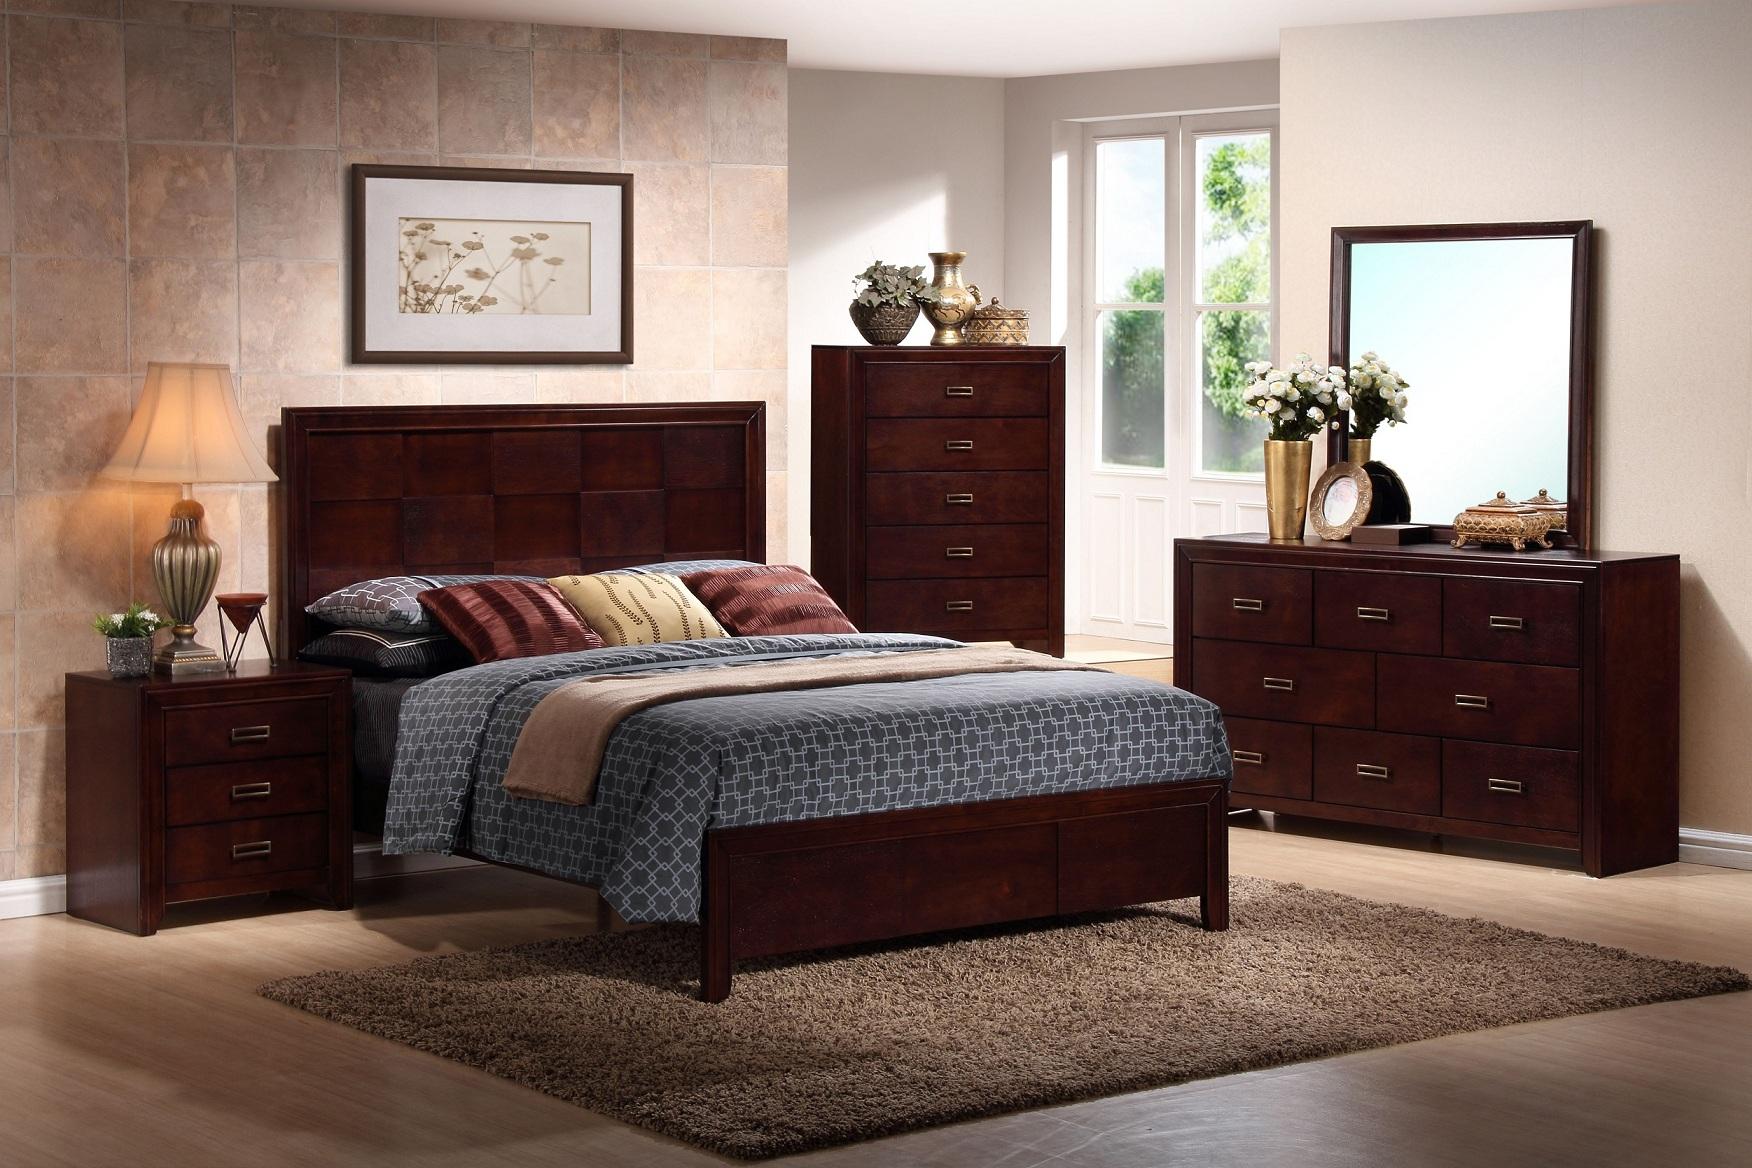 تصميم غرفة نوم كلاسيكية | المرسال